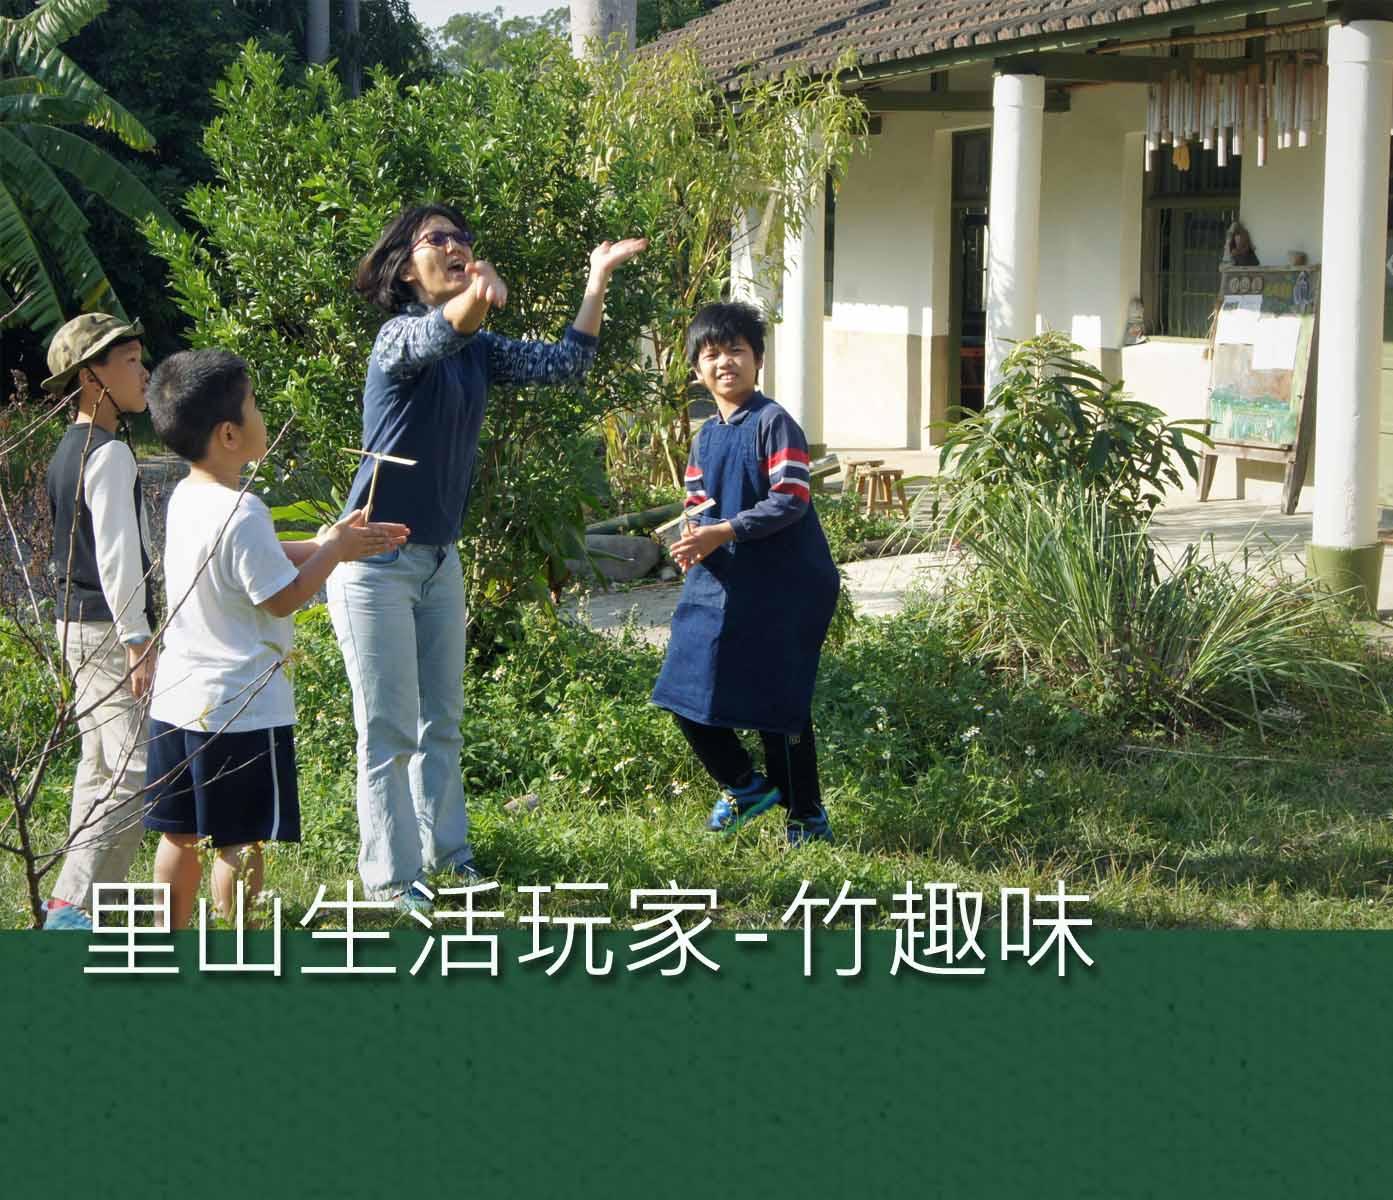 裡山塾-里山生活玩家竹趣味活動照片1